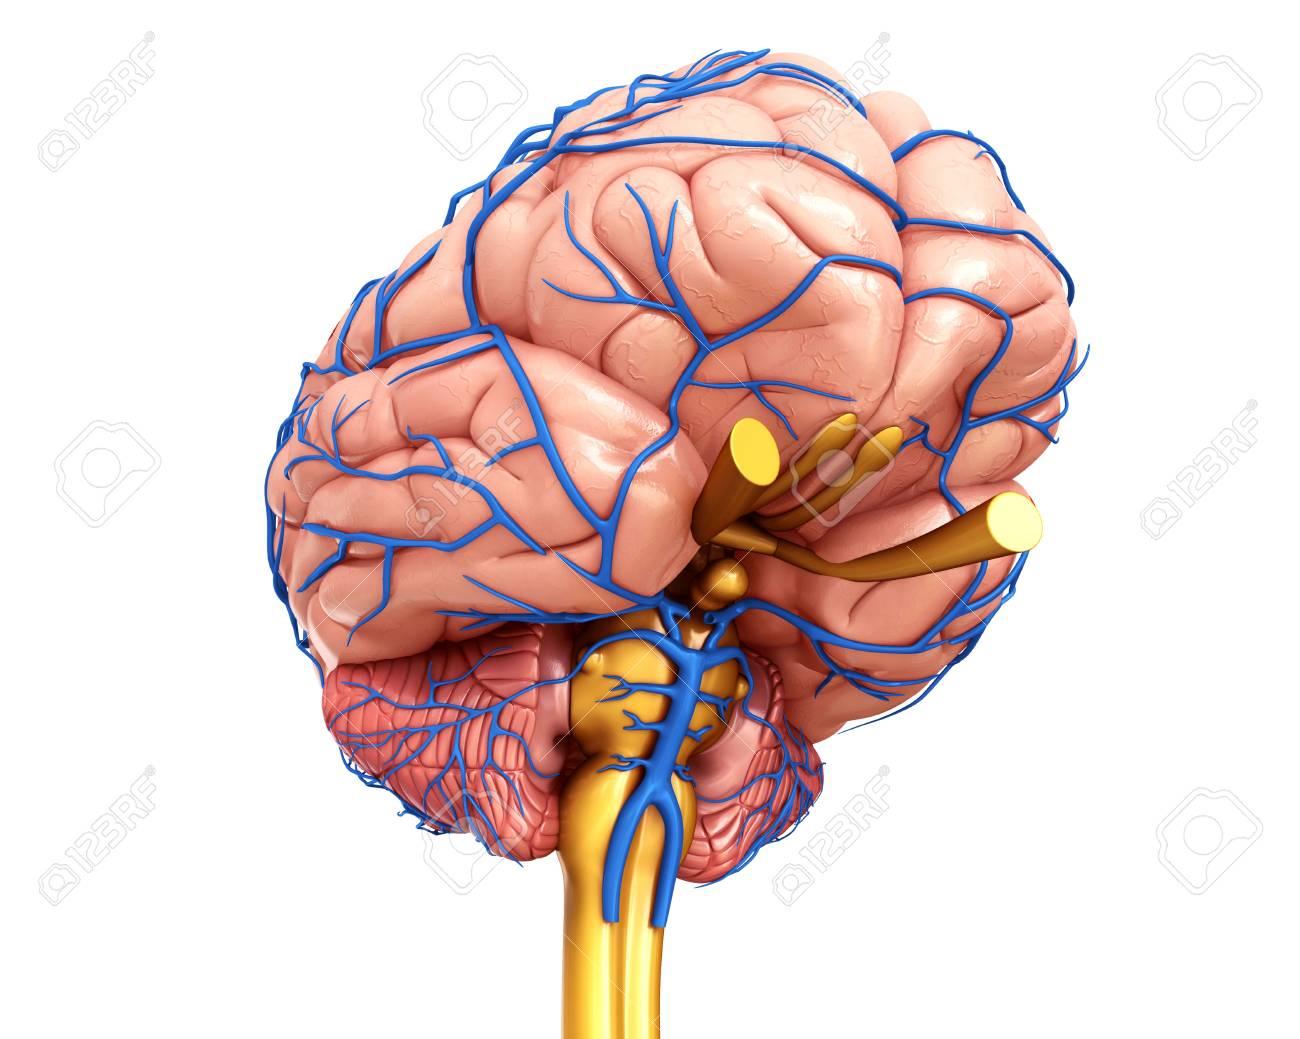 Ilustración De La Anatomía Del Cerebro Humano Y Sus Venas Fotos ...